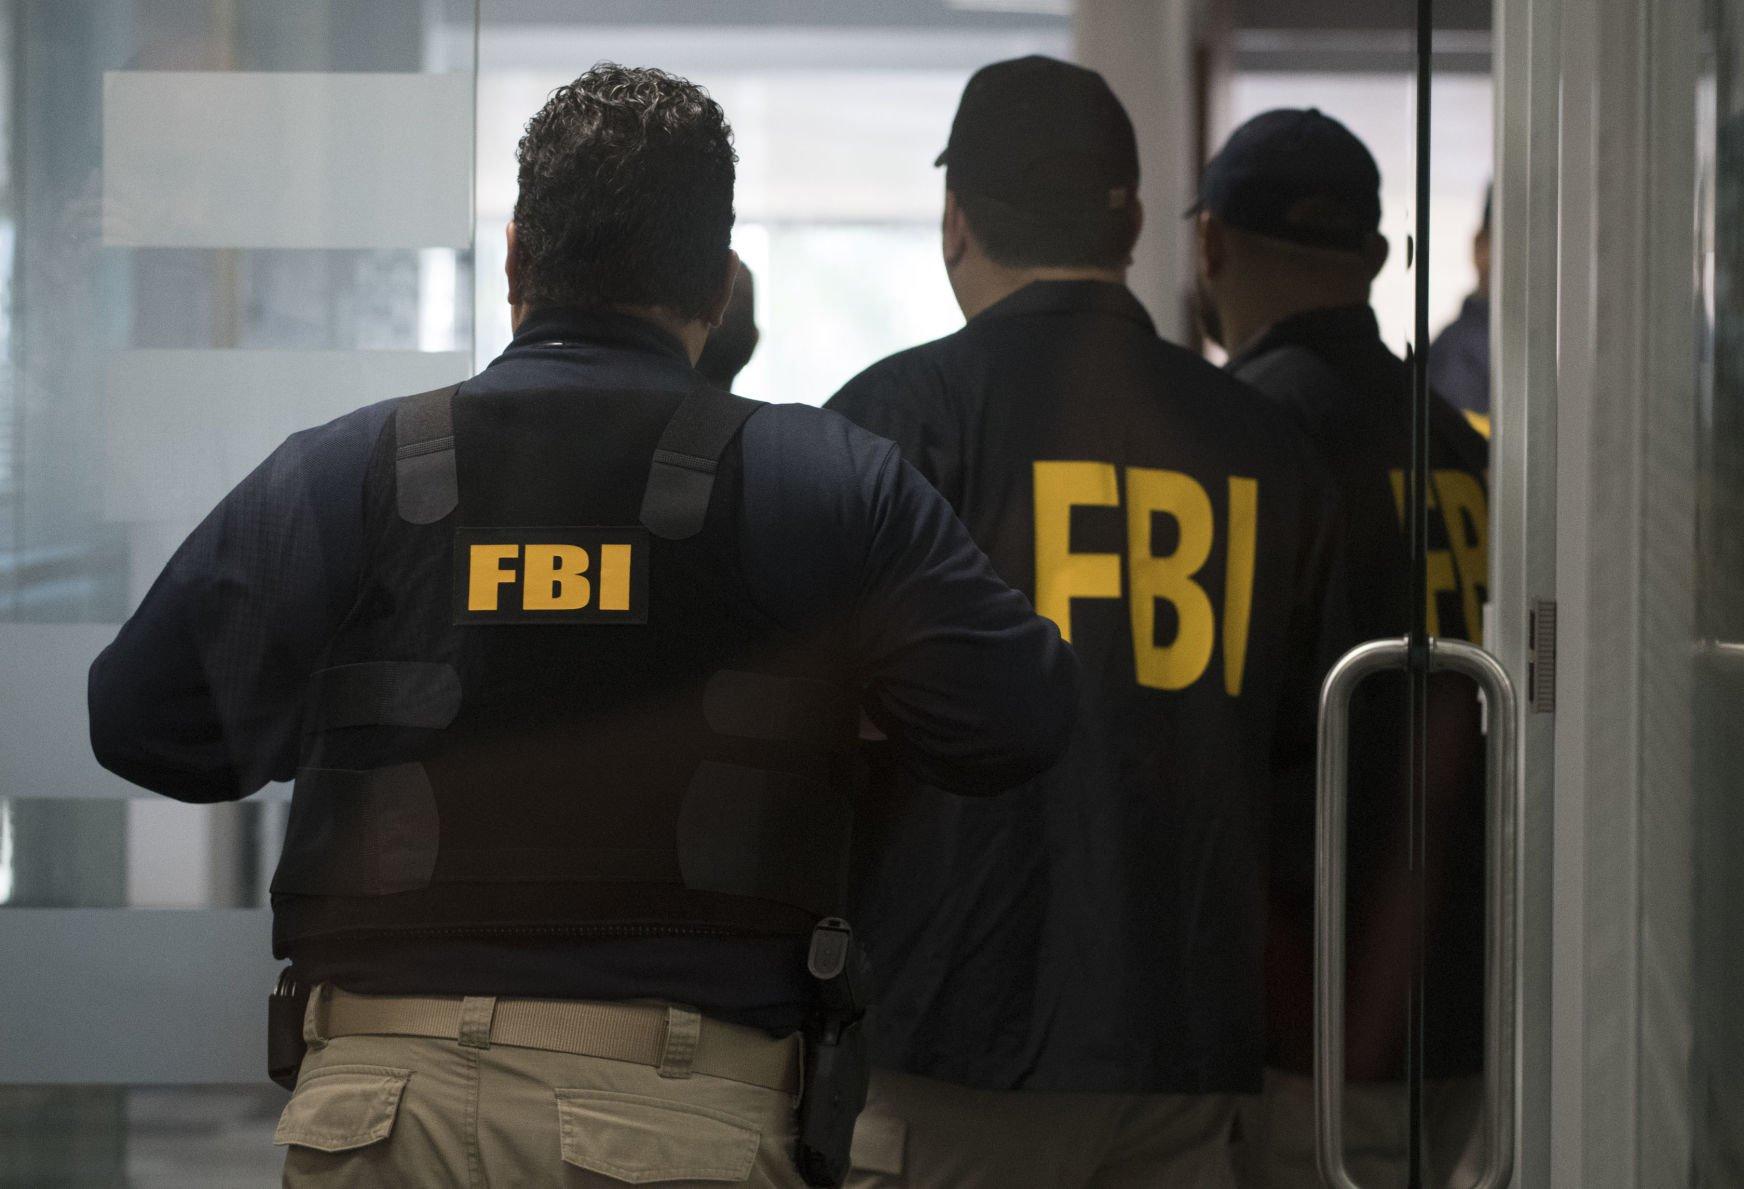 Investigan hallazgo de artefactos explosivos durante protestas